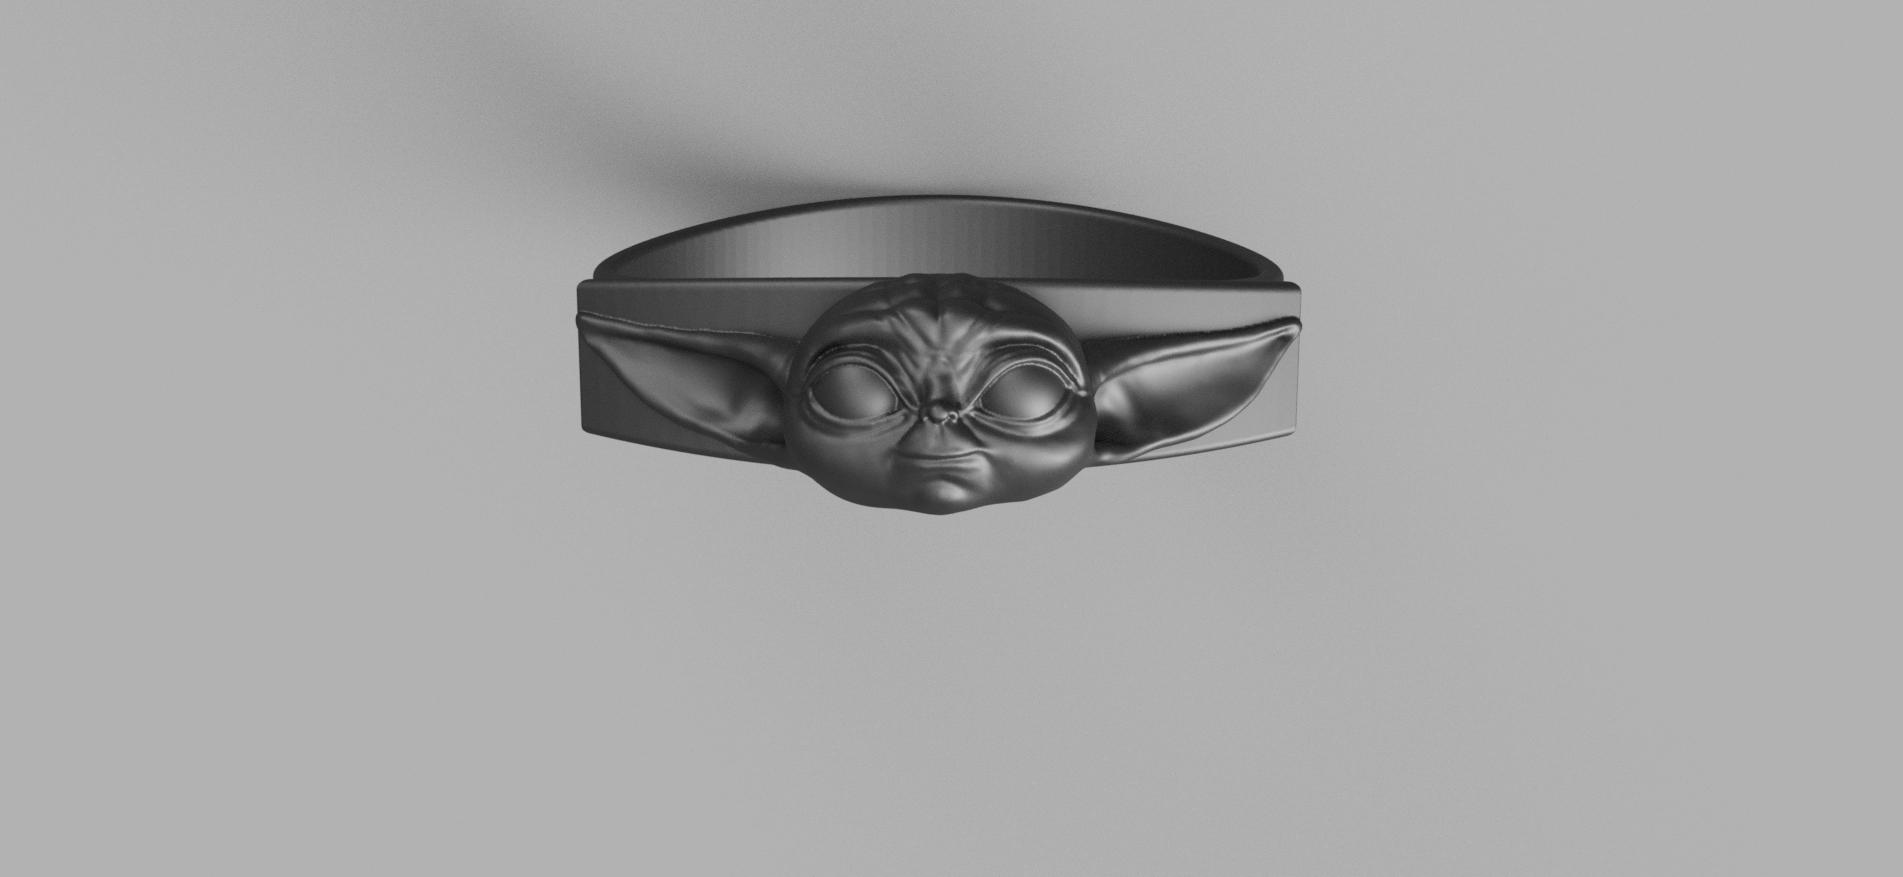 Baby_Yoda_Ring_17mm_Cut(FINAL).png Télécharger fichier STL gratuit Bébé Yoda Ring • Plan pour imprimante 3D, quaddalone